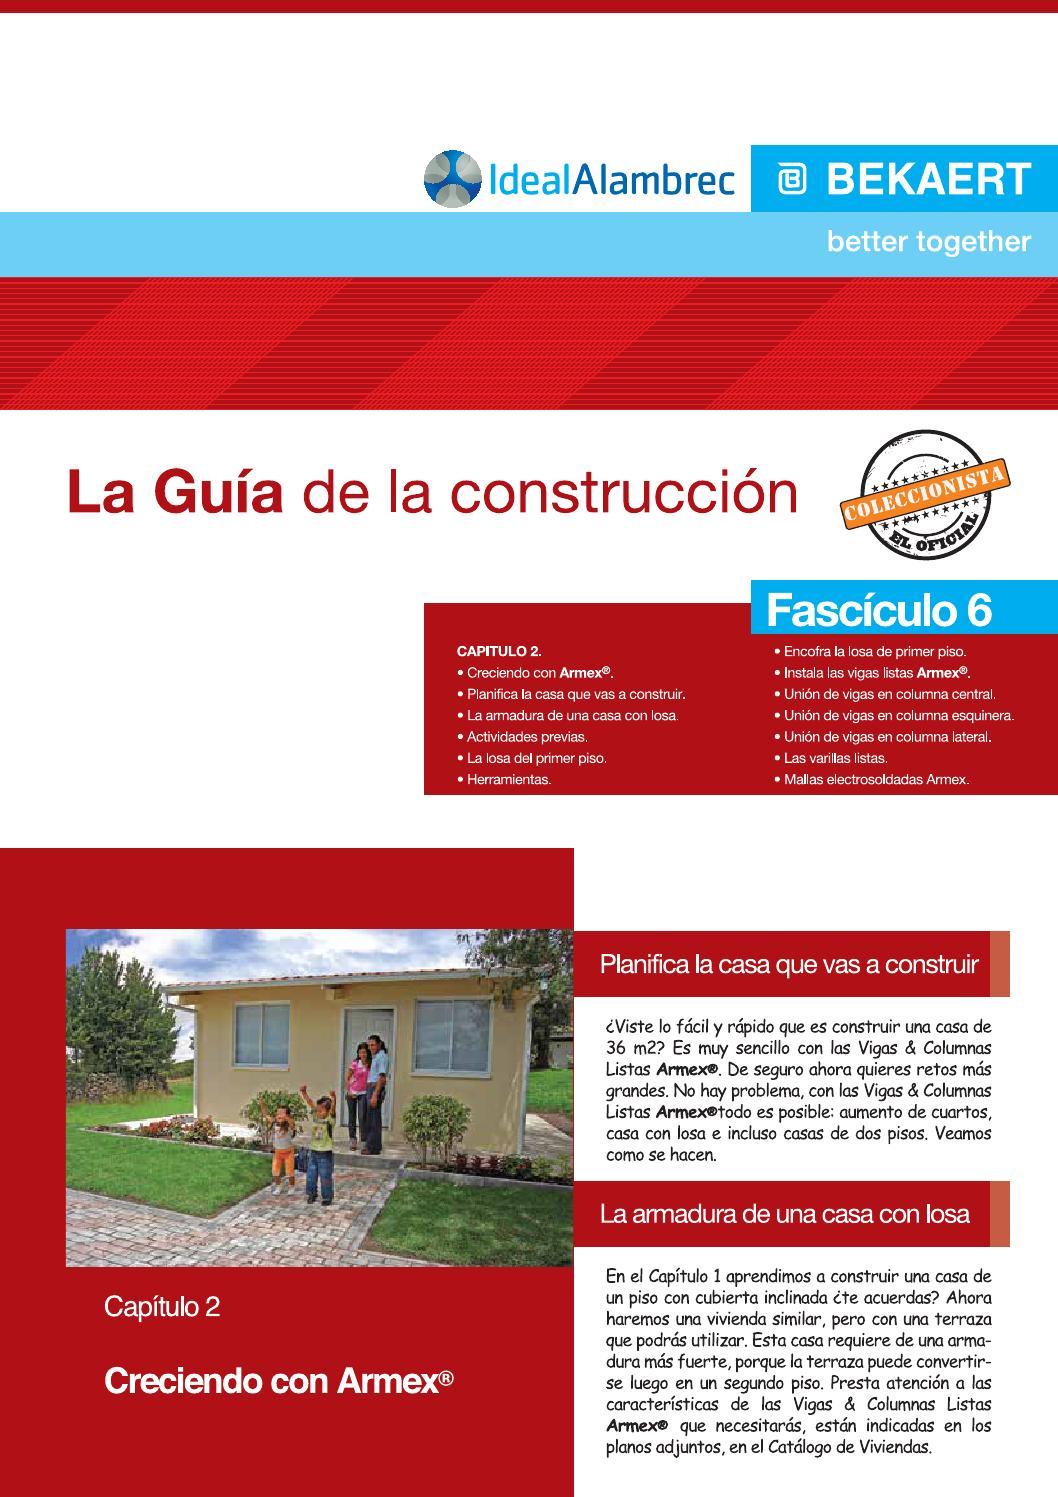 Fasc 6 Guía De La Construcción Ideal Alambrec By